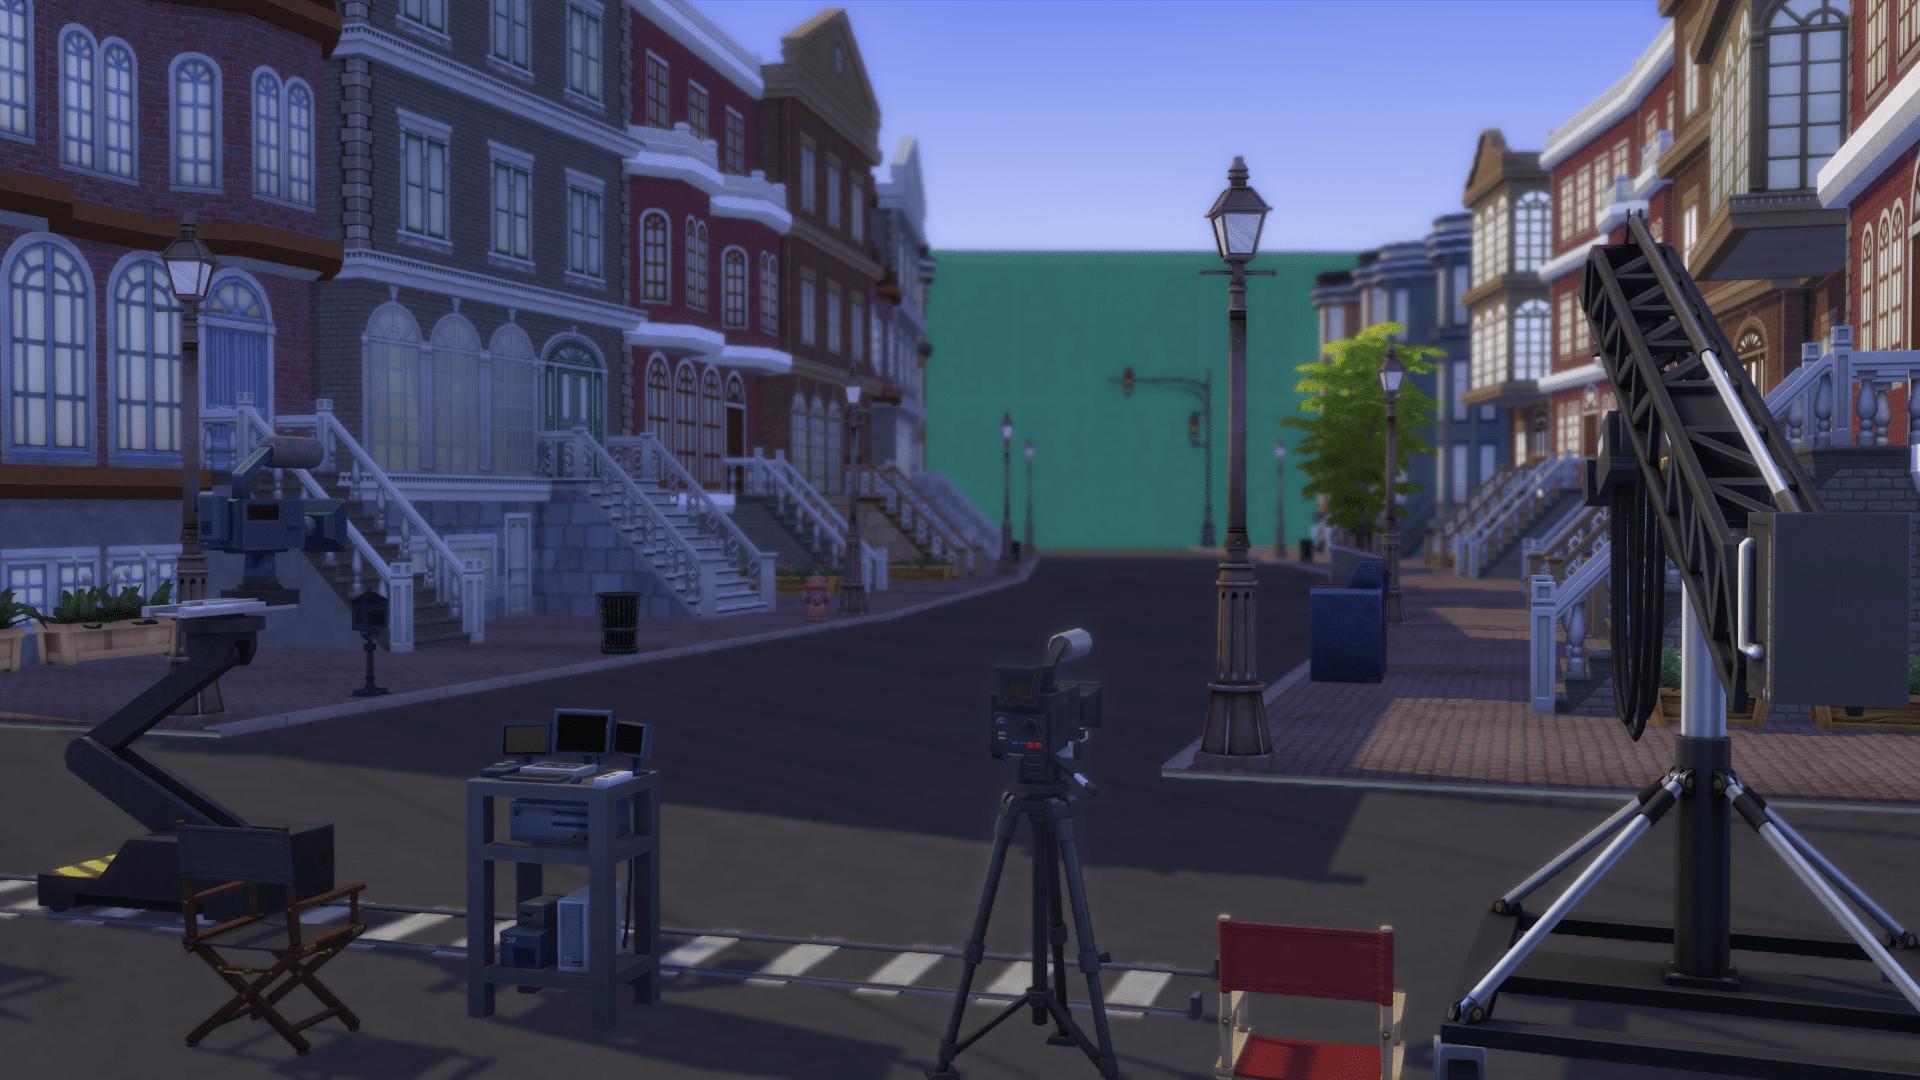 Studios Plumbob Pictures Del Sol Valley Sims 4 Heure de Gloire